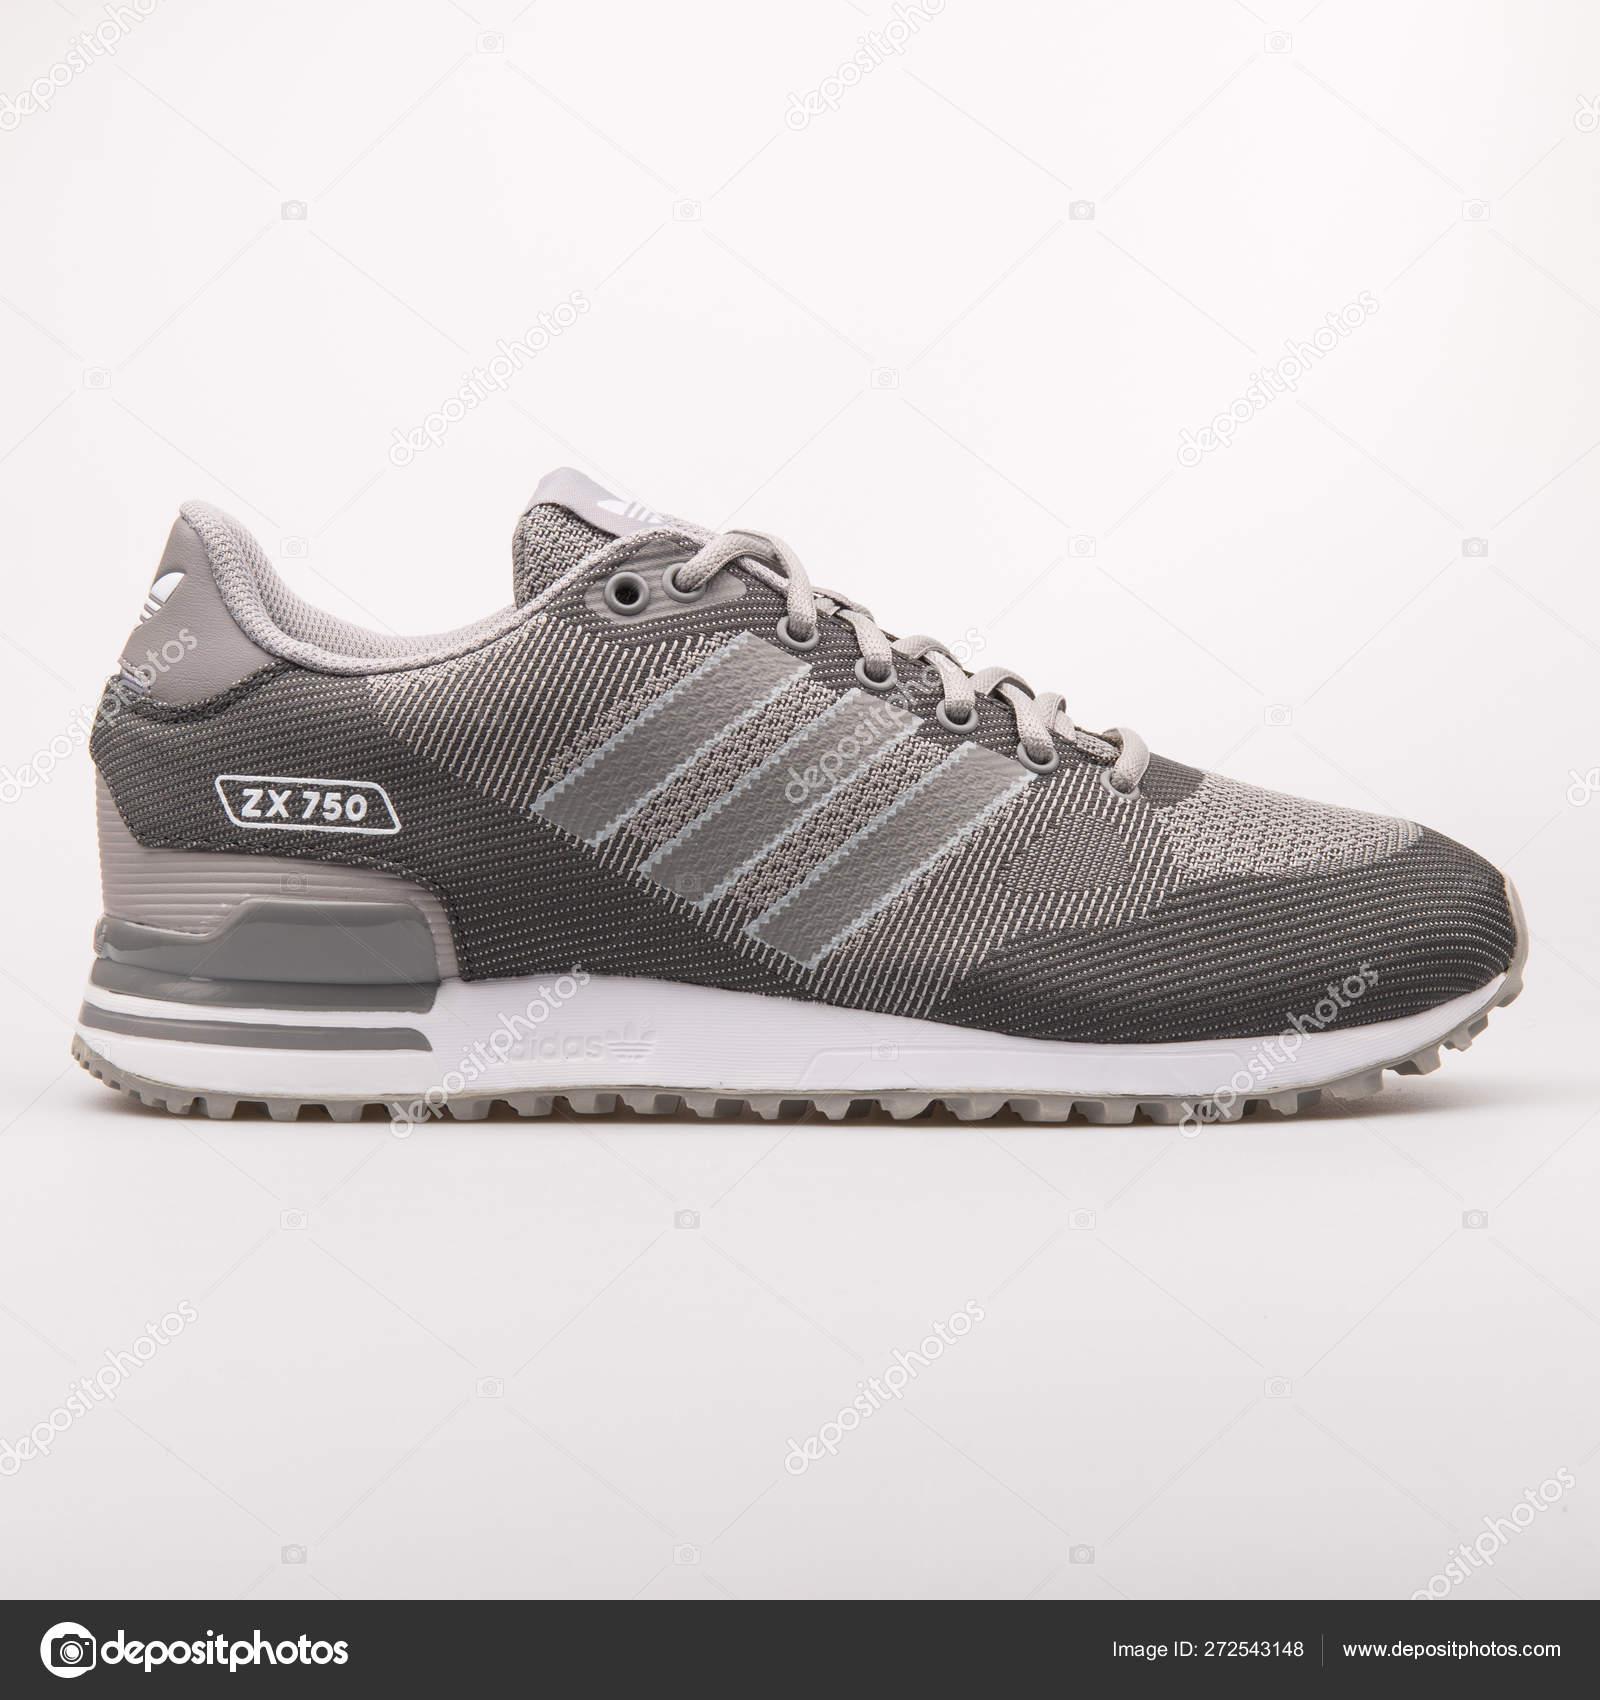 adidas 750 zx wv